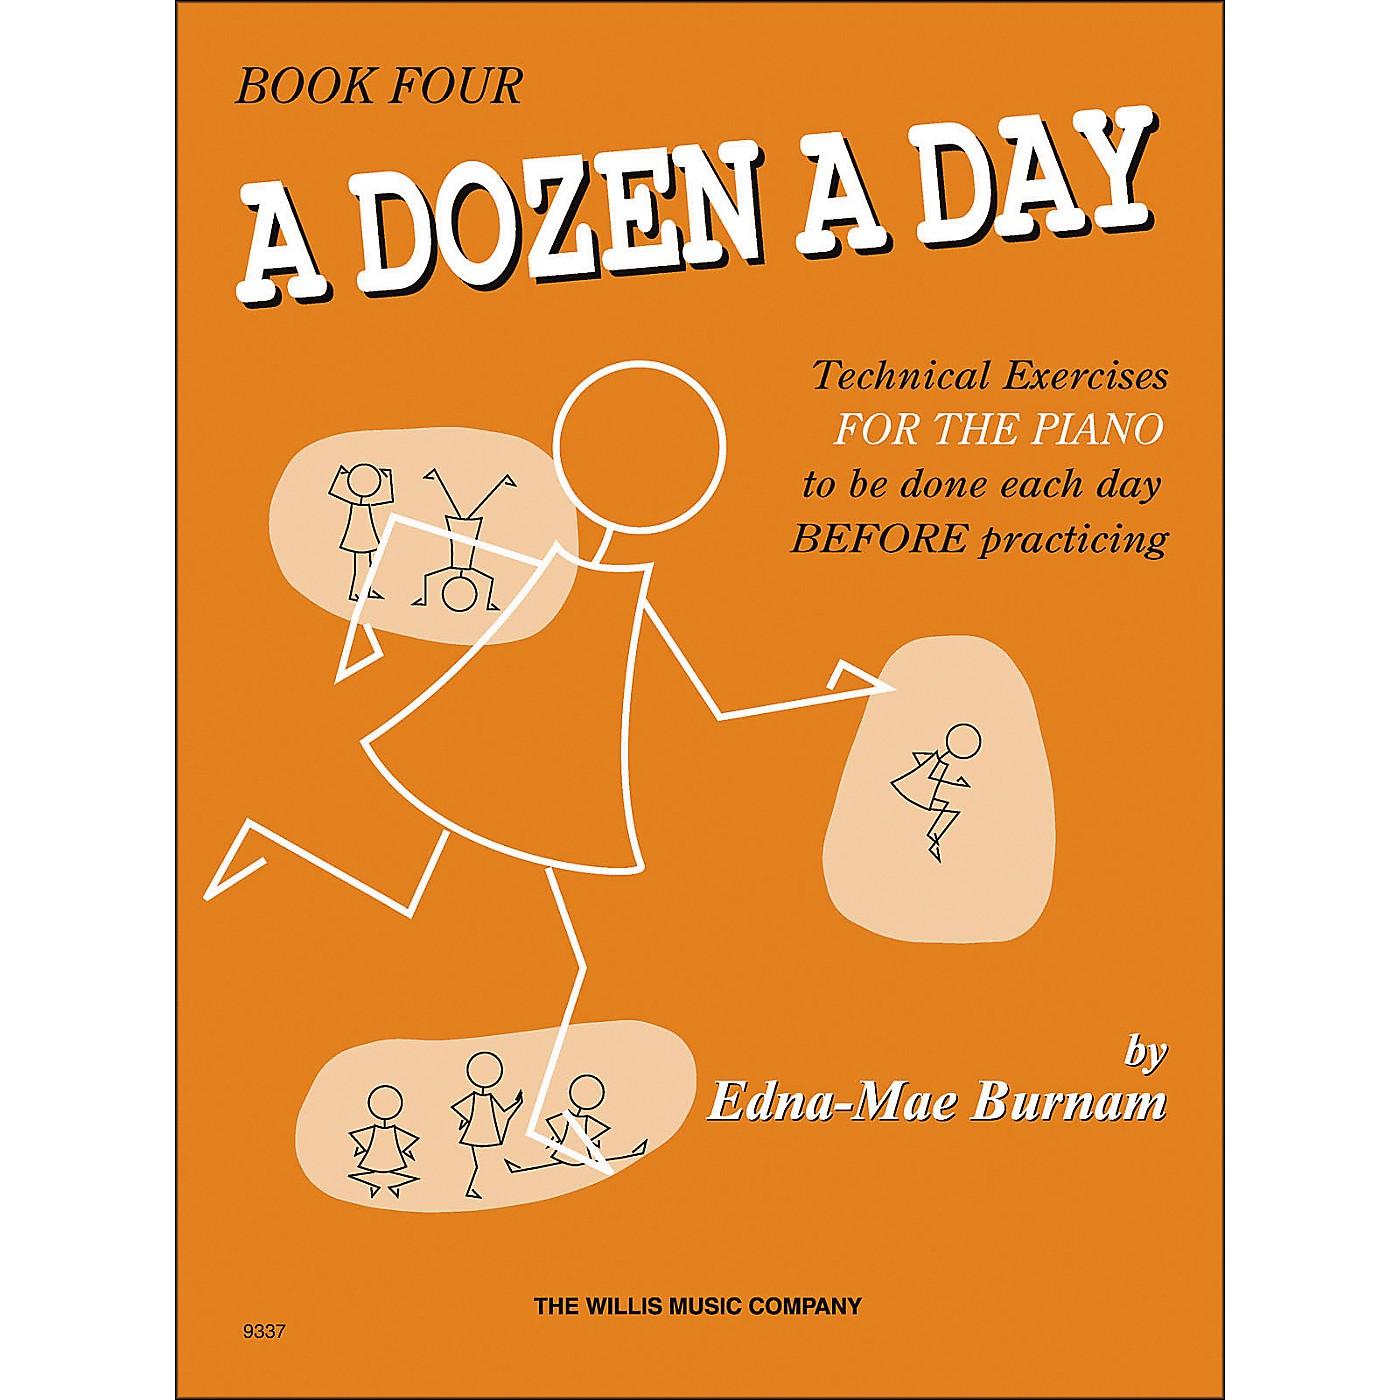 Willis Music A Dozen A Day Book 4 Technical Exercises for Piano thumbnail